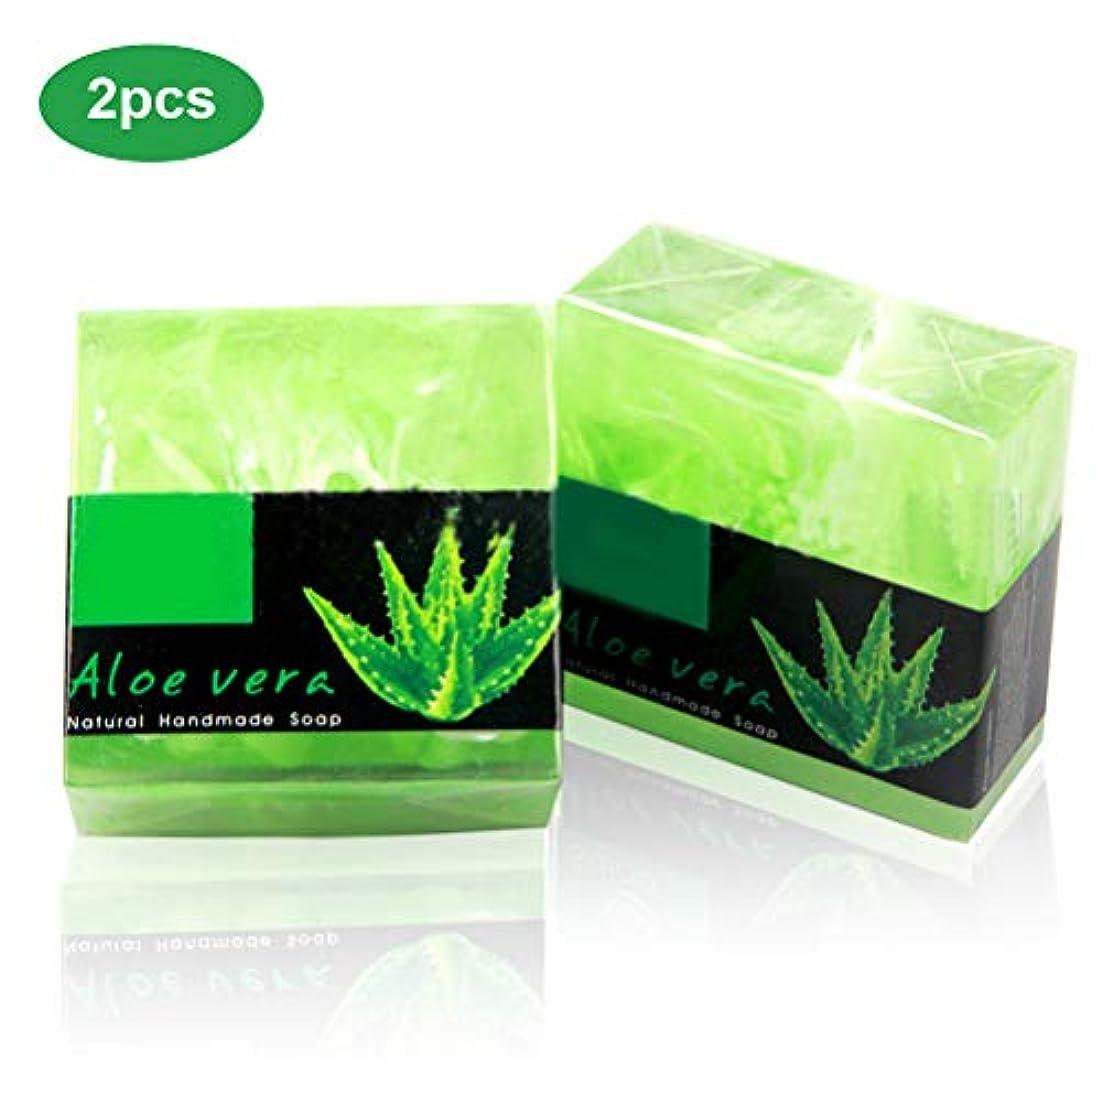 アナログ組み込む一掃するCreacom アロエ 石鹸 肌に優しい無添加 毛穴 対策 洗顔石鹸 保湿 固形 毛穴 肌荒れ 美肌 角質除去 乾燥肌 オイル肌 混合肌 対策 全身可能